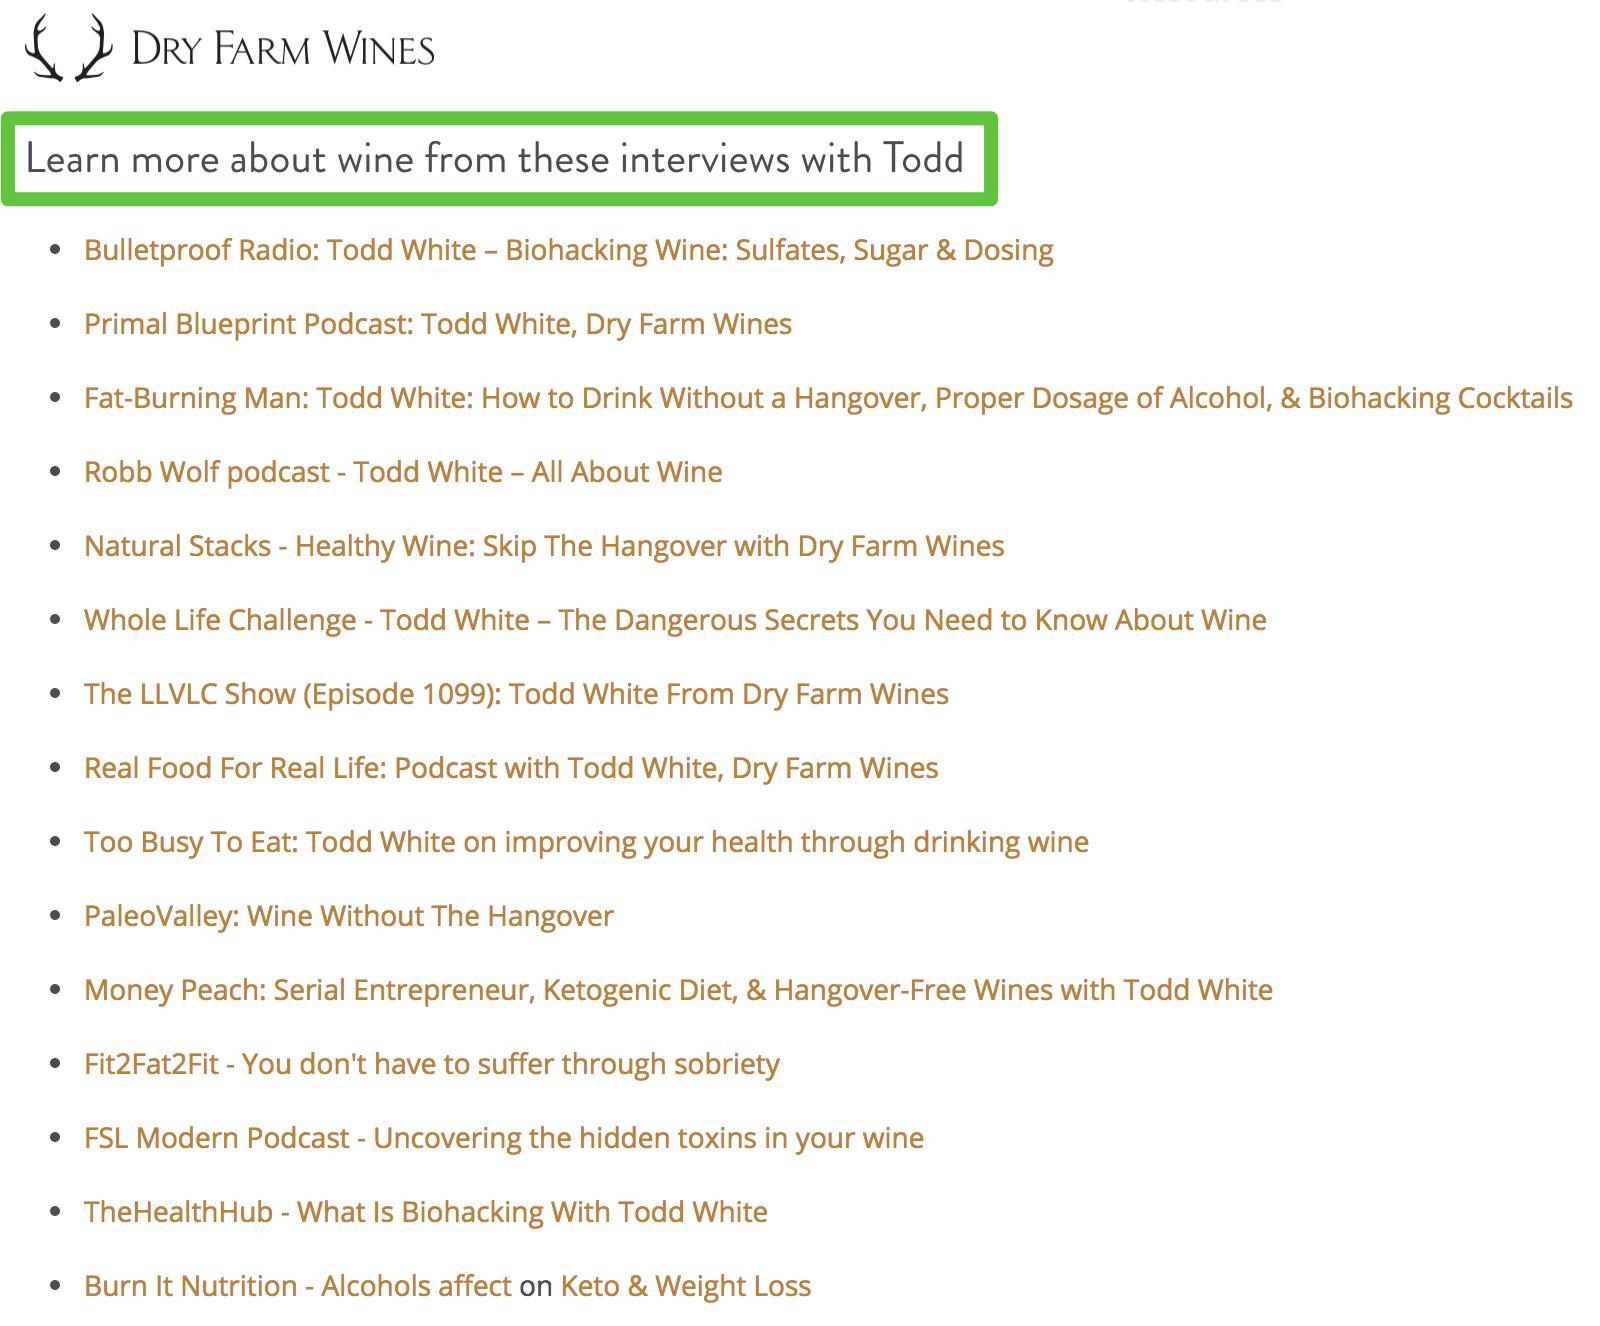 Screenshot showing a list of interviews